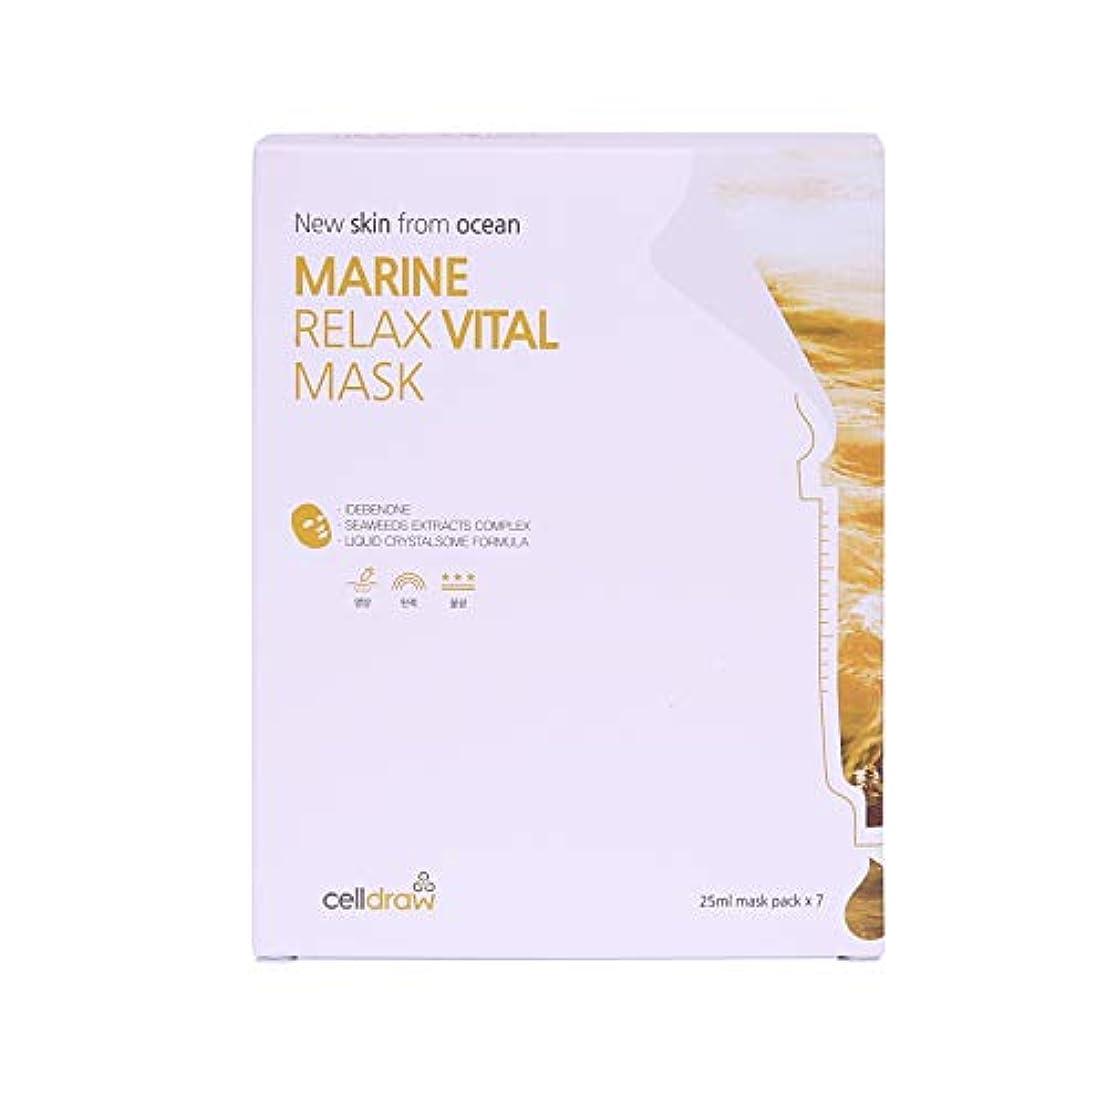 奨励リンスエッセンス[CELLDRAW] 海難救助用マスク25ml * 7ea 肌を潤し,潤し,潤す水和して若々しく見せるさま養育 + 飛翔 + 健康的な輝き + 放射能 마린 릴렉스 바이탈 마스크